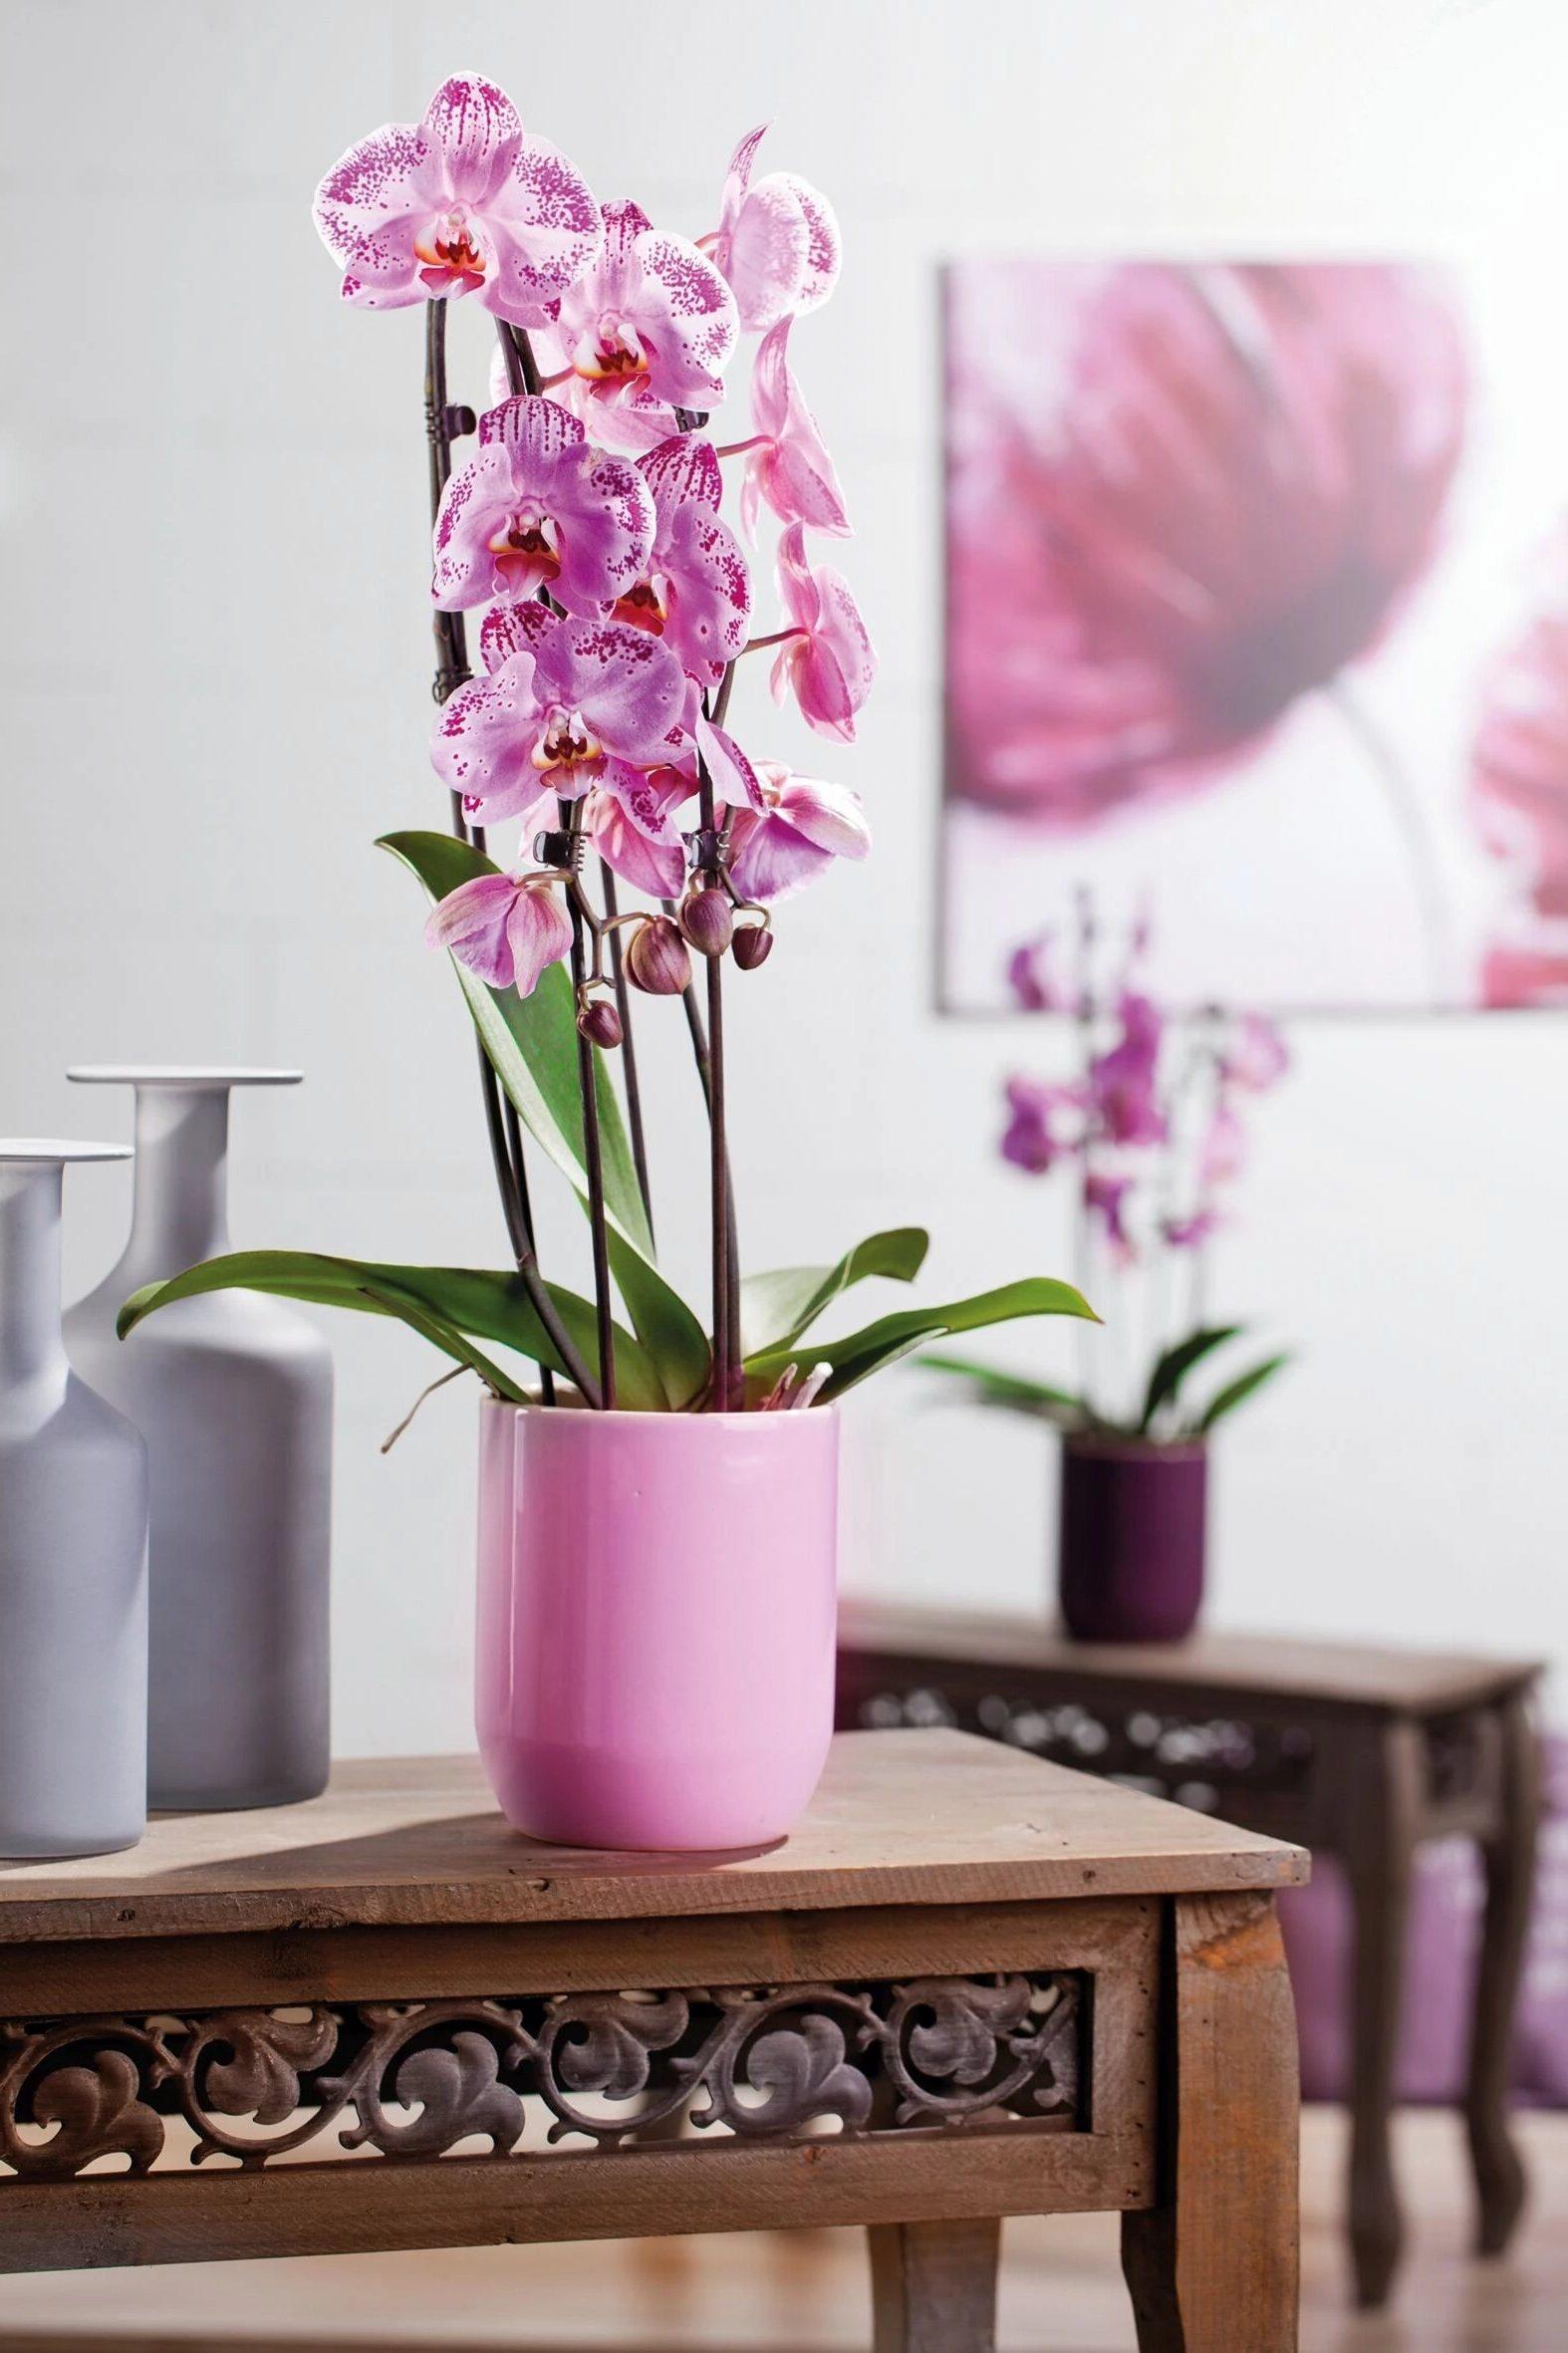 Побеги цветка фаленопсиса вырастают в высоту до 70 см.